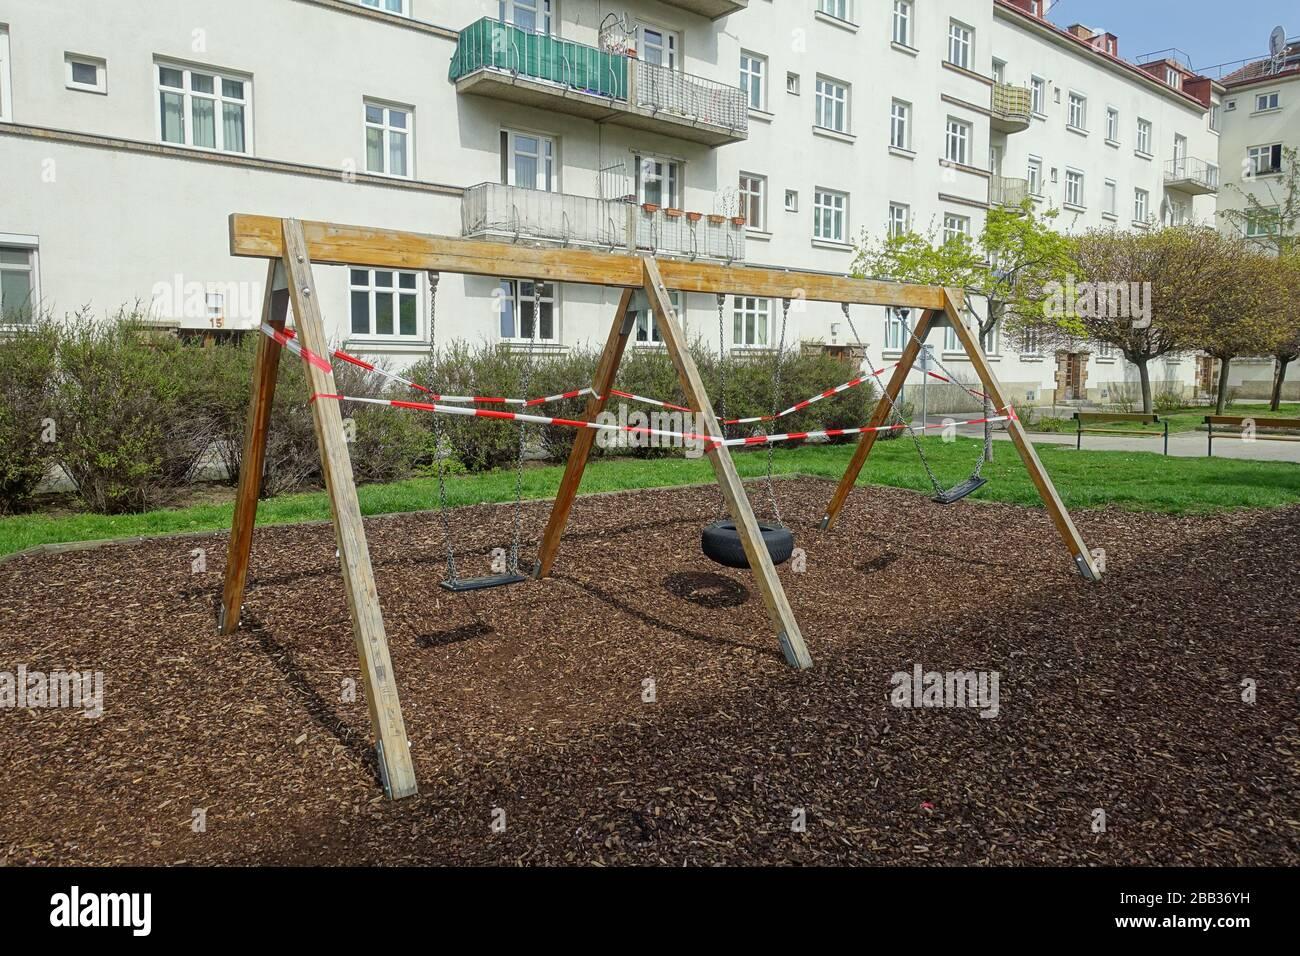 Wien, Maßnahmen gegen die Ausbreitung des Coronavirus, gesperrter Spielplatz - Vienna, action against the spread of Corona Virus, closed playground Stock Photo